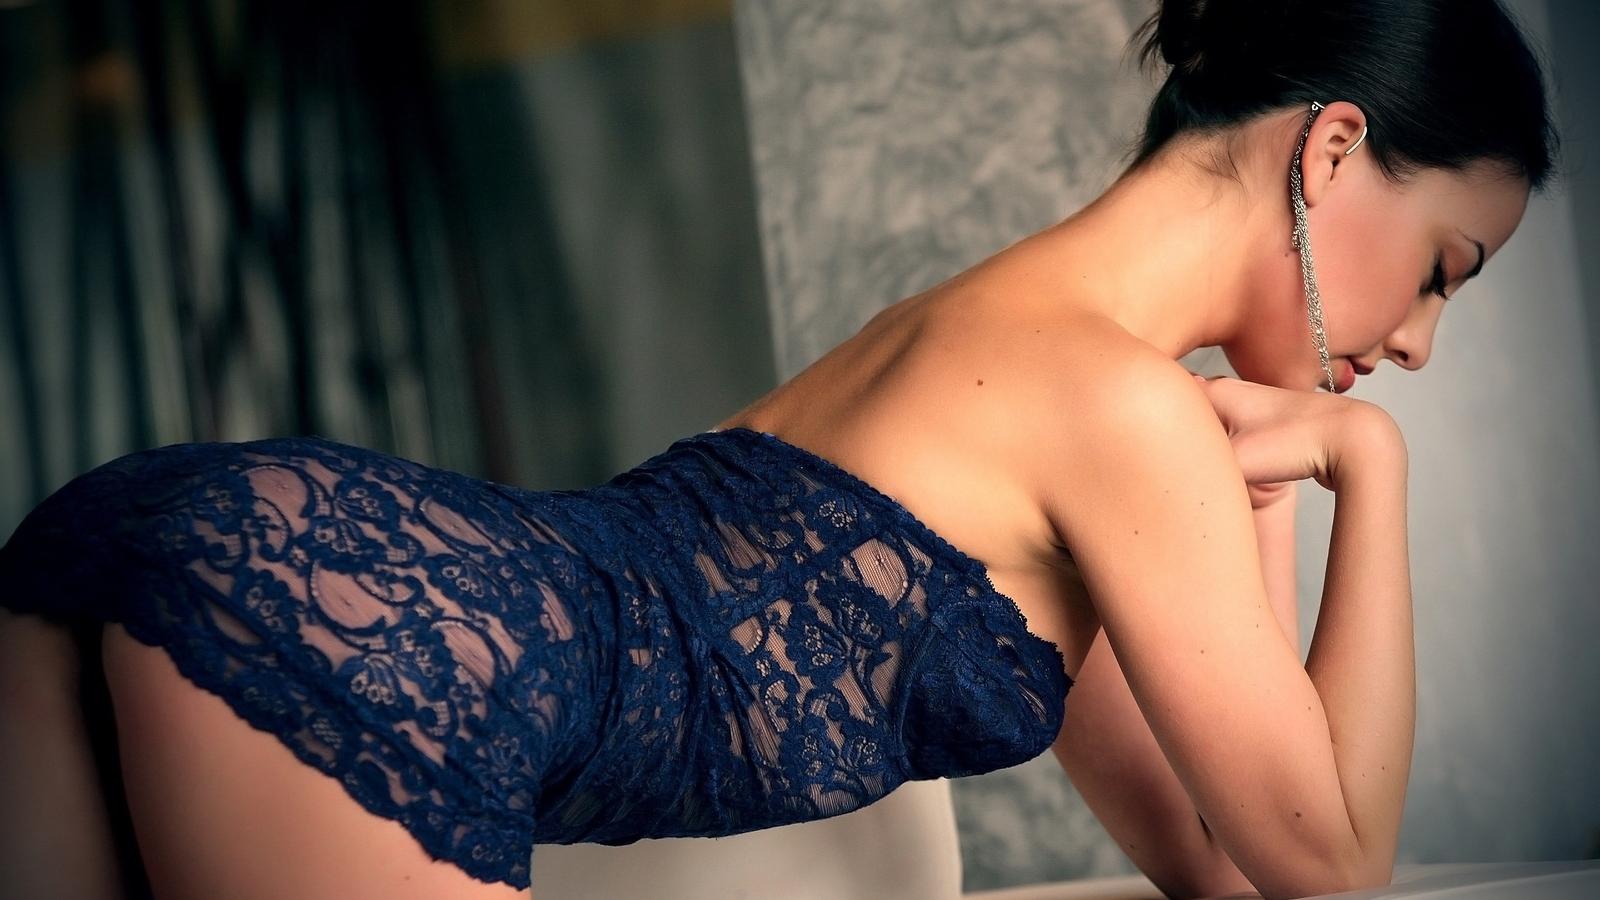 Фото моделей в сексуальных платьях 13 фотография